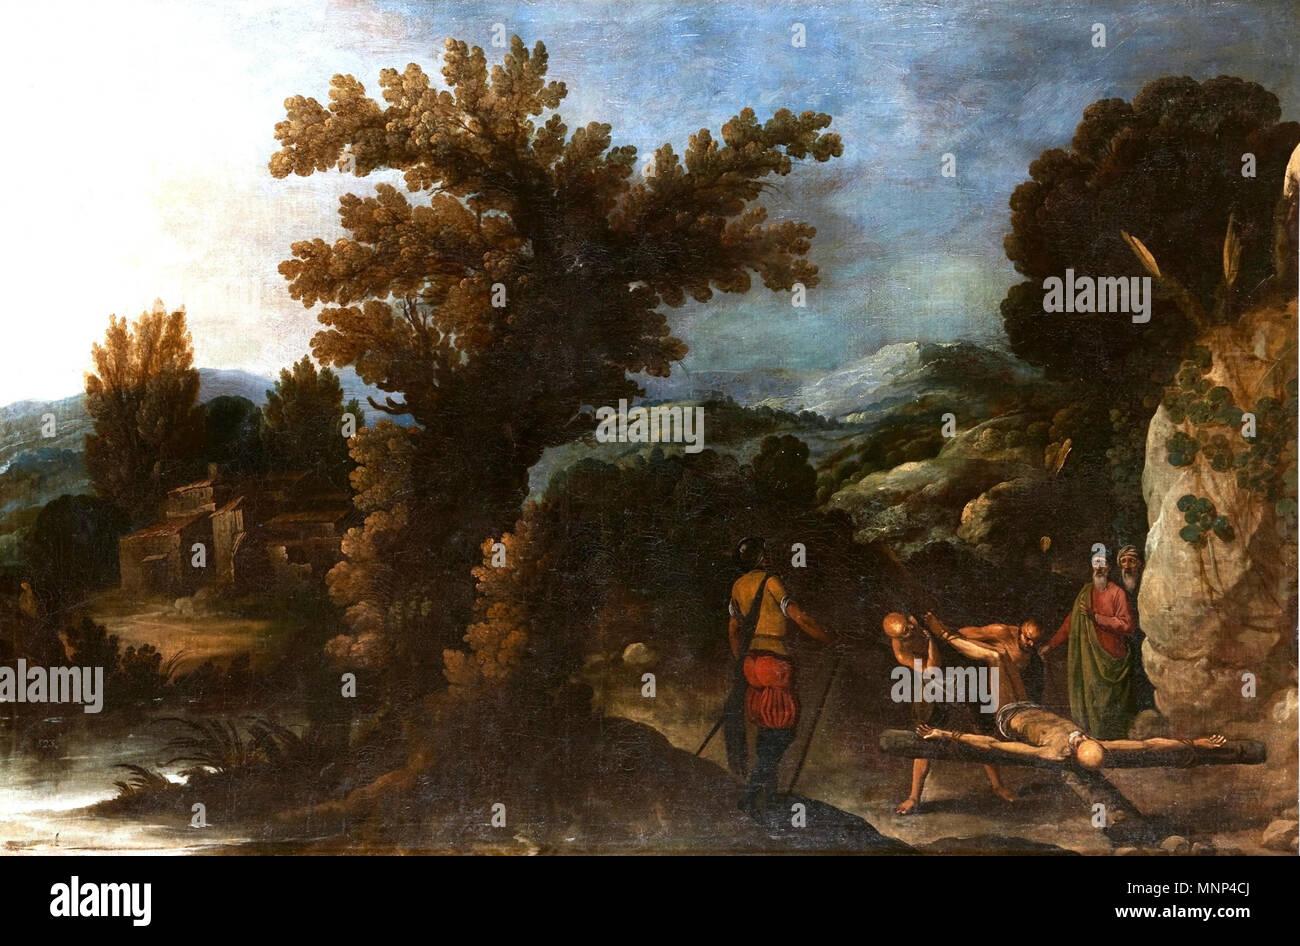 953 Paisaje con la crucifixión de San Pedro, de Francisco Collantes (Museo del Prado) - Stock Image